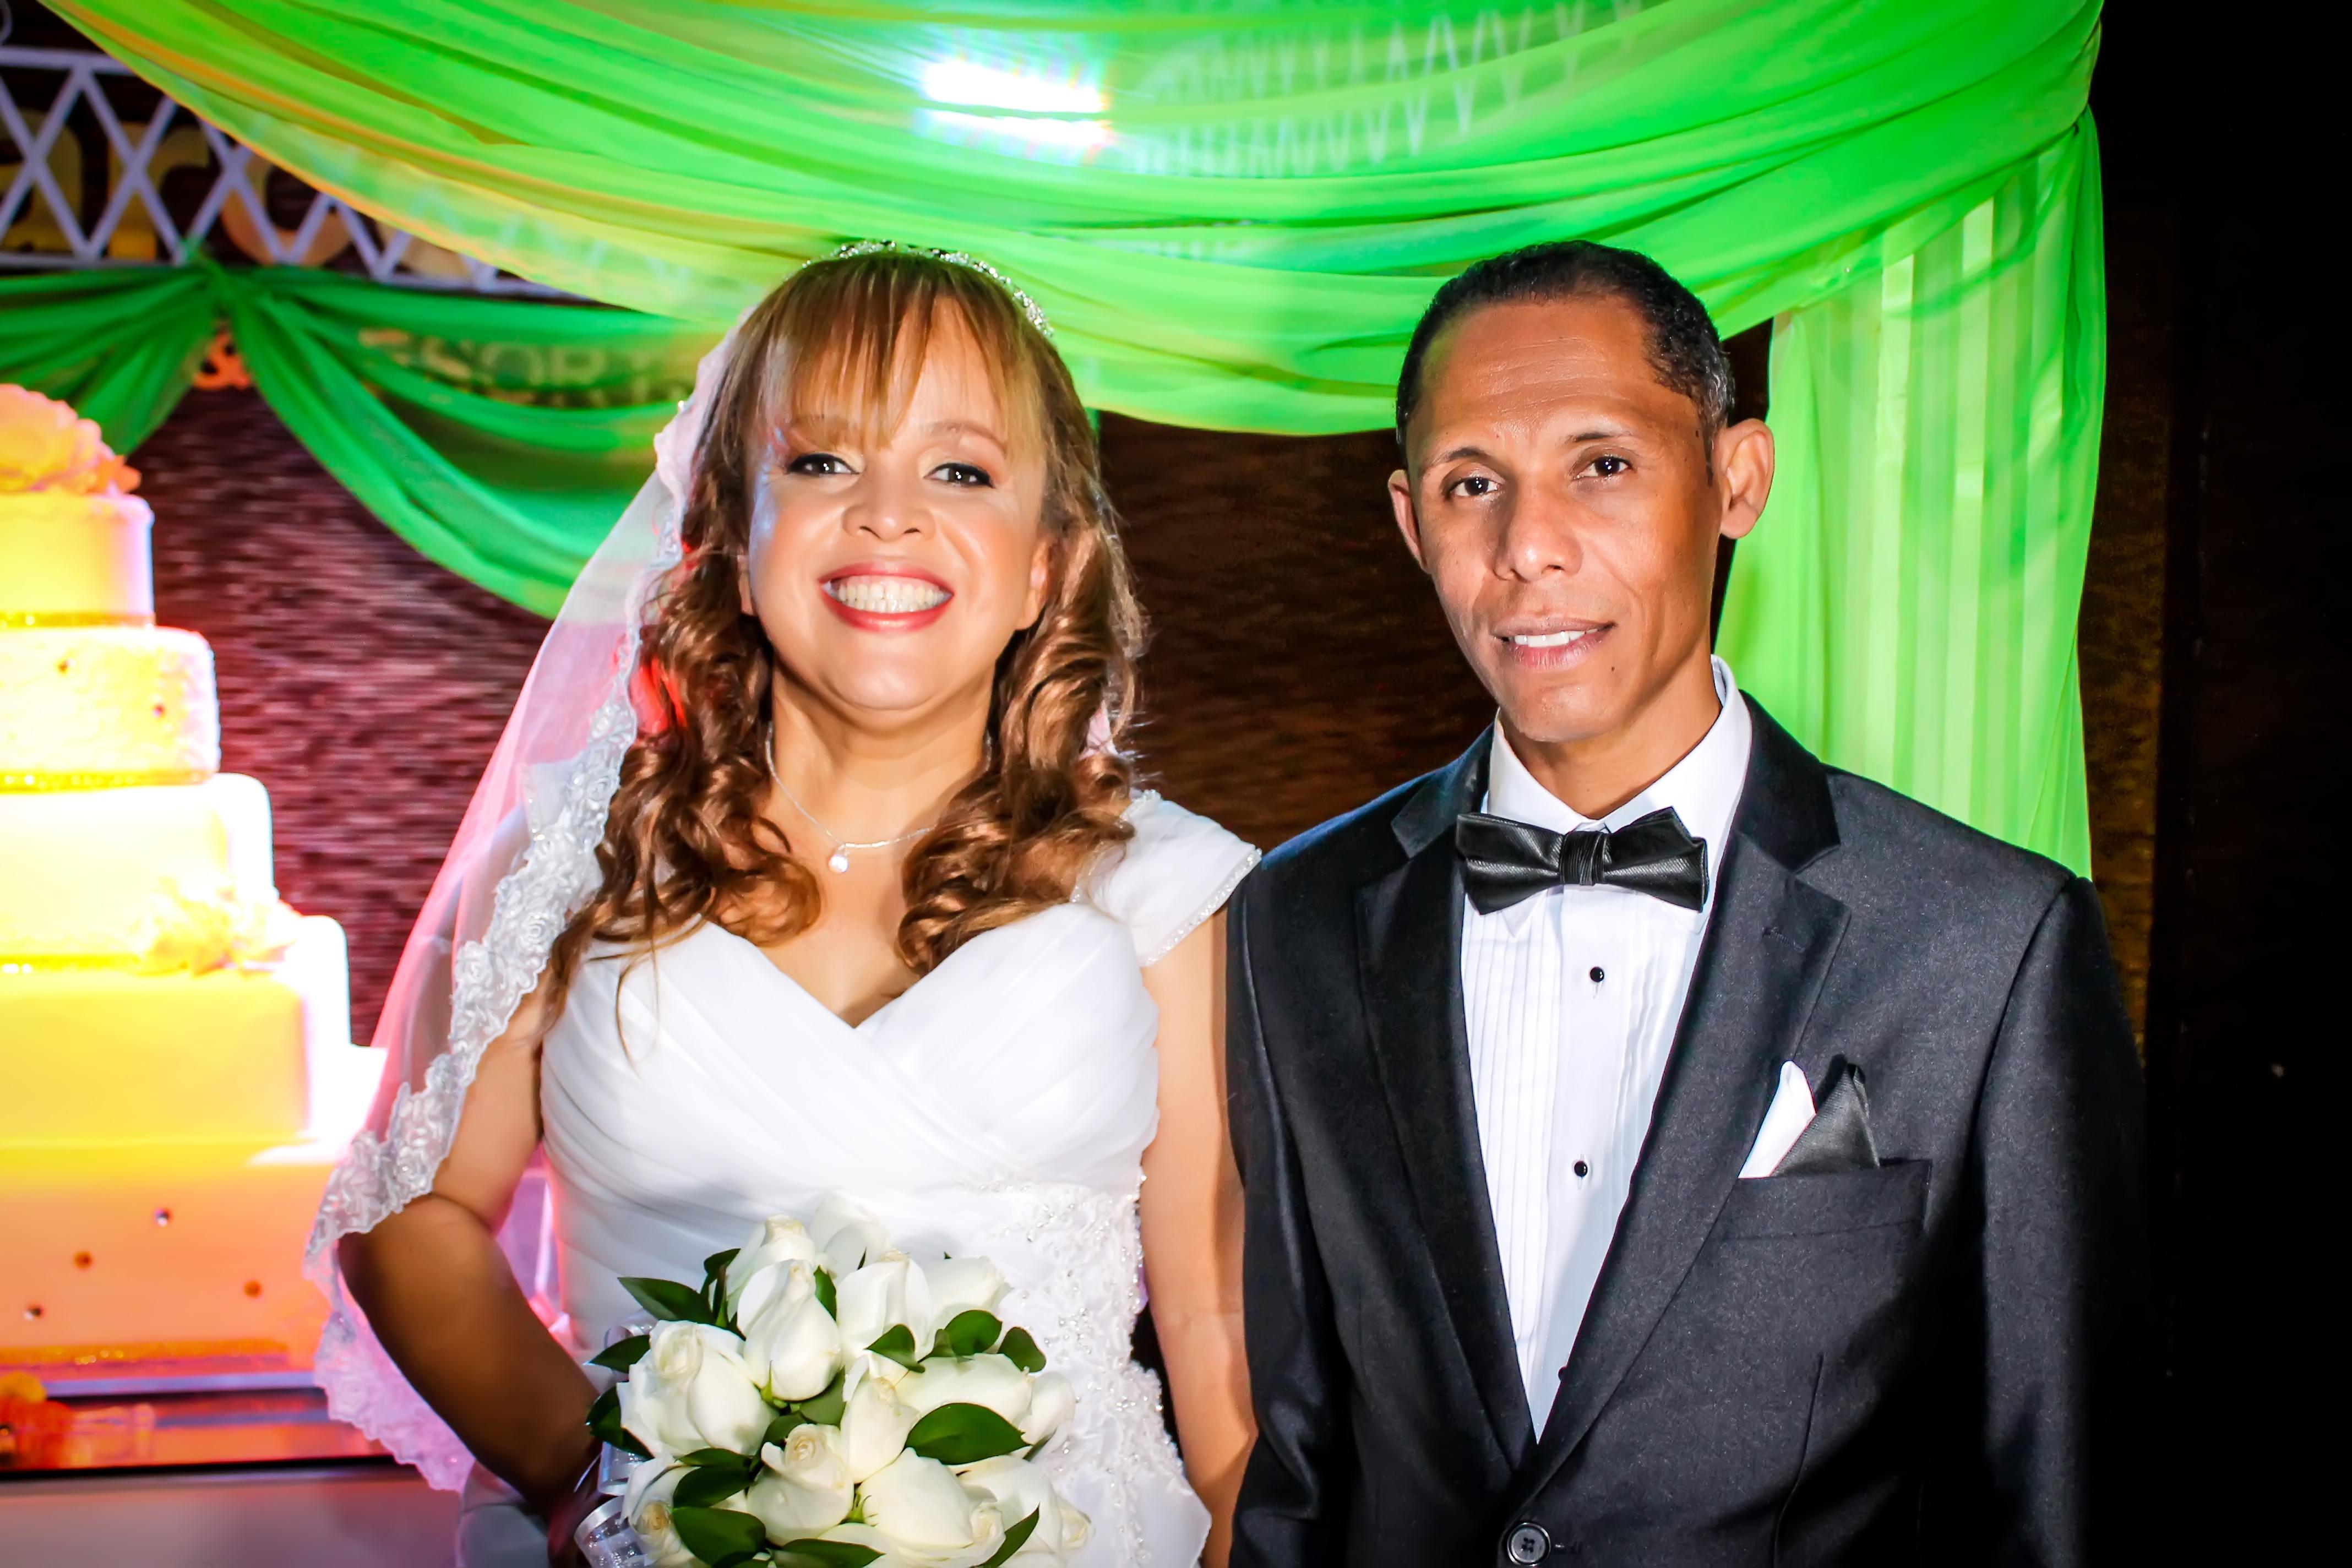 www.Xproevents.com - Fotografia de pareja de novios frente al bizcocho.jpg